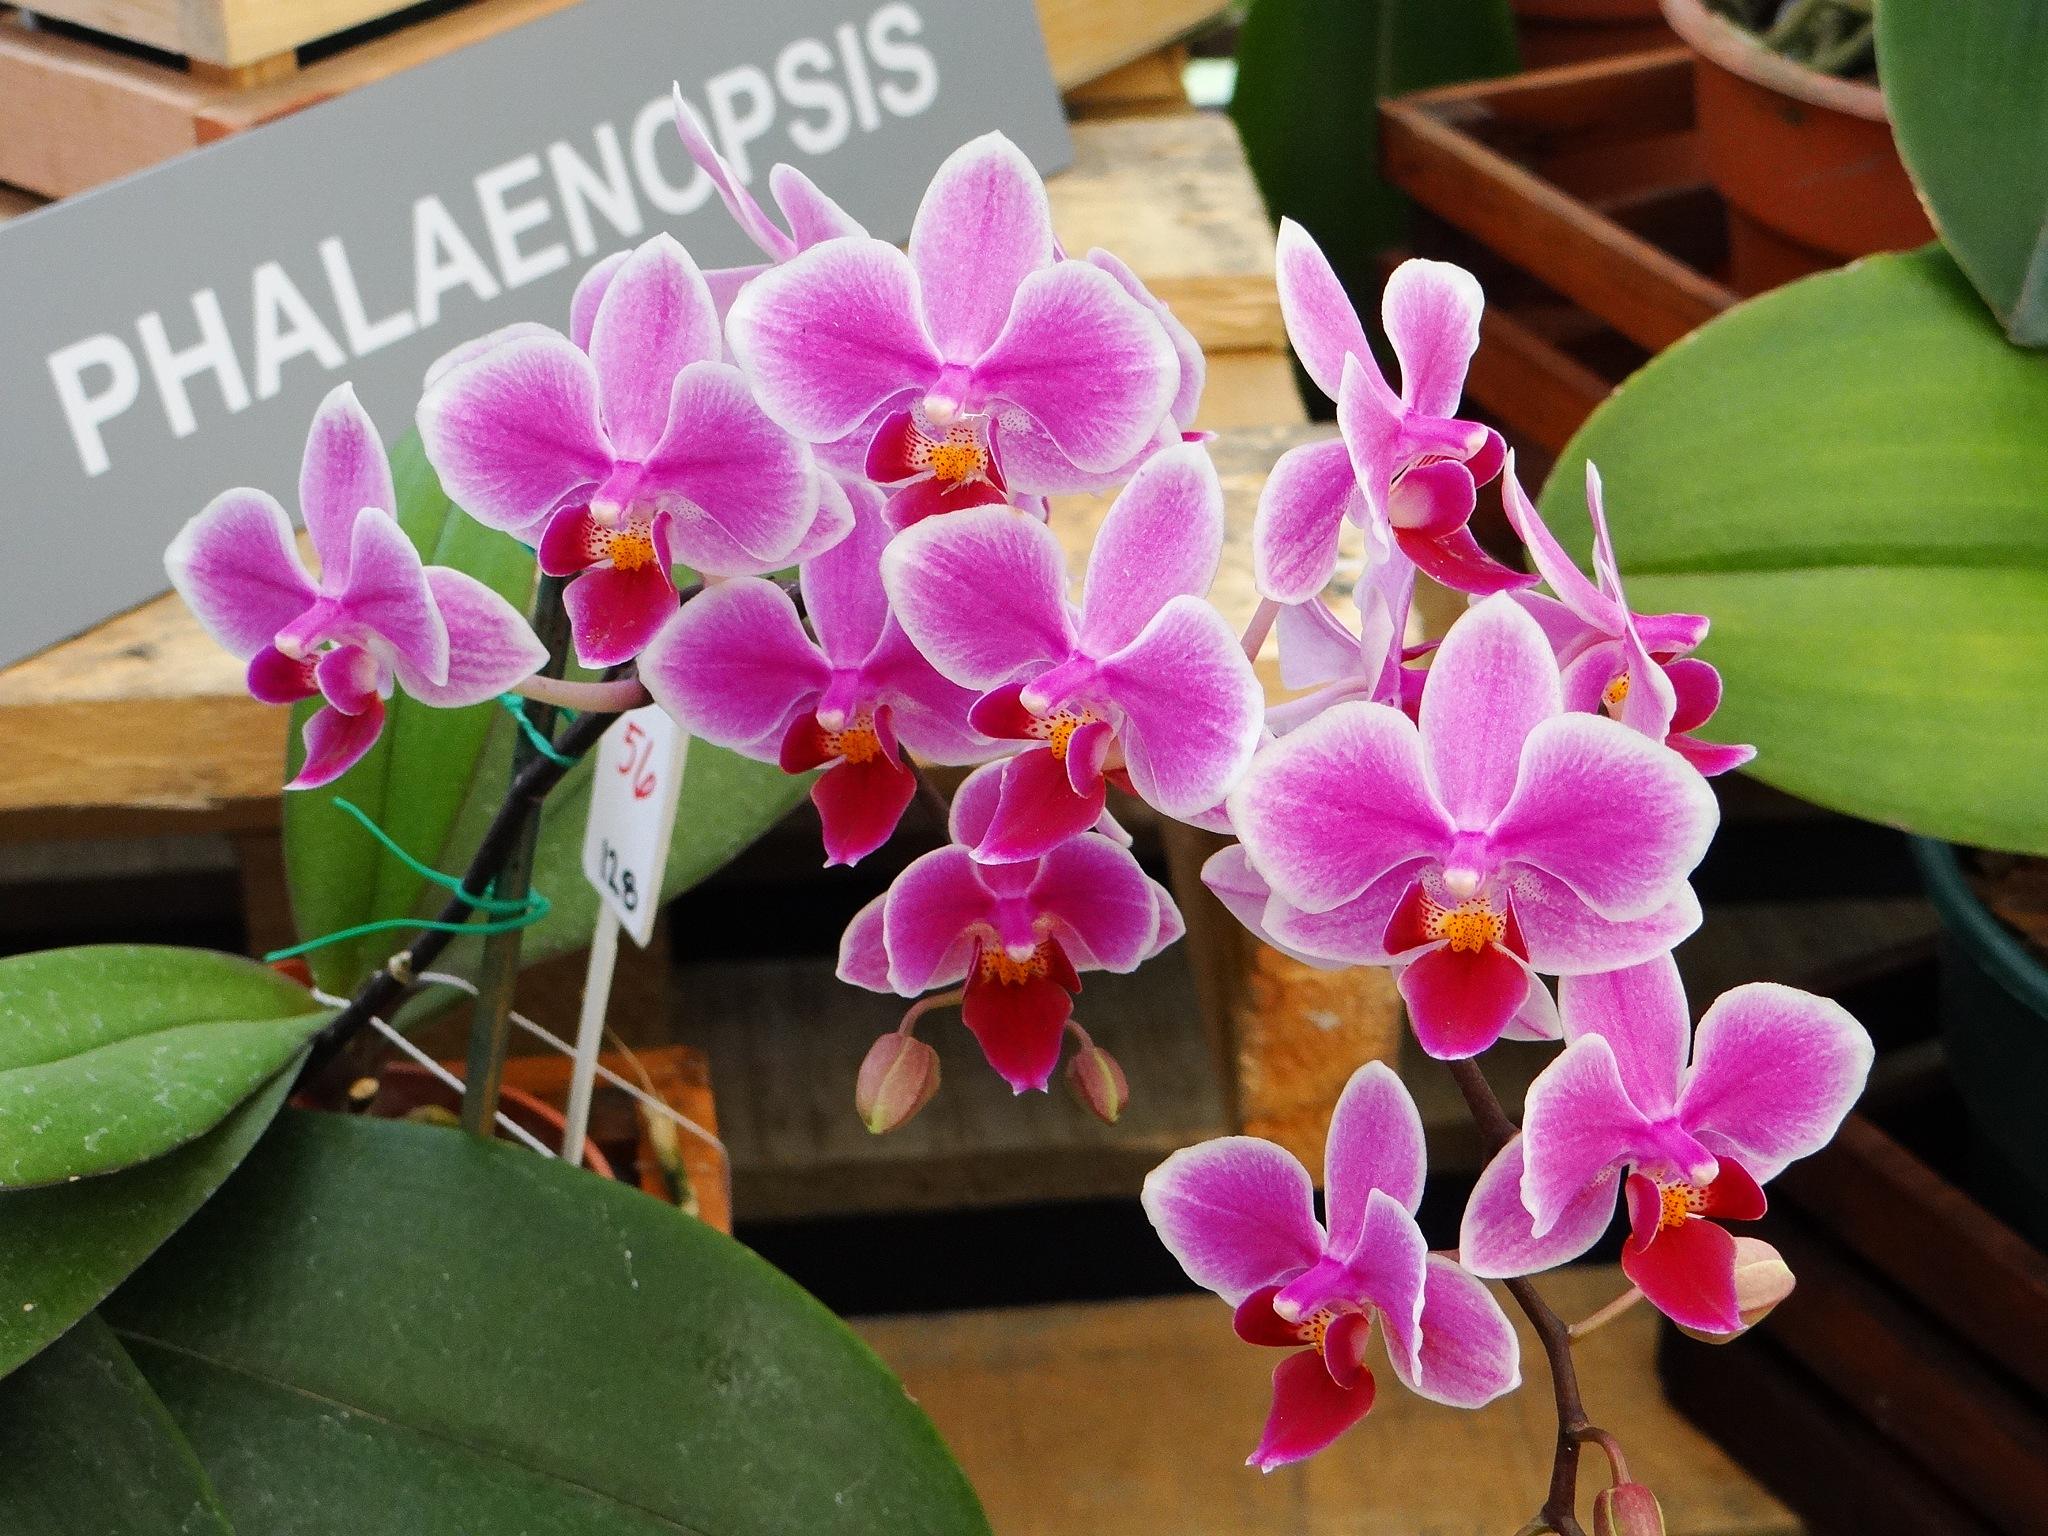 Phalaenopsis by vladybachez